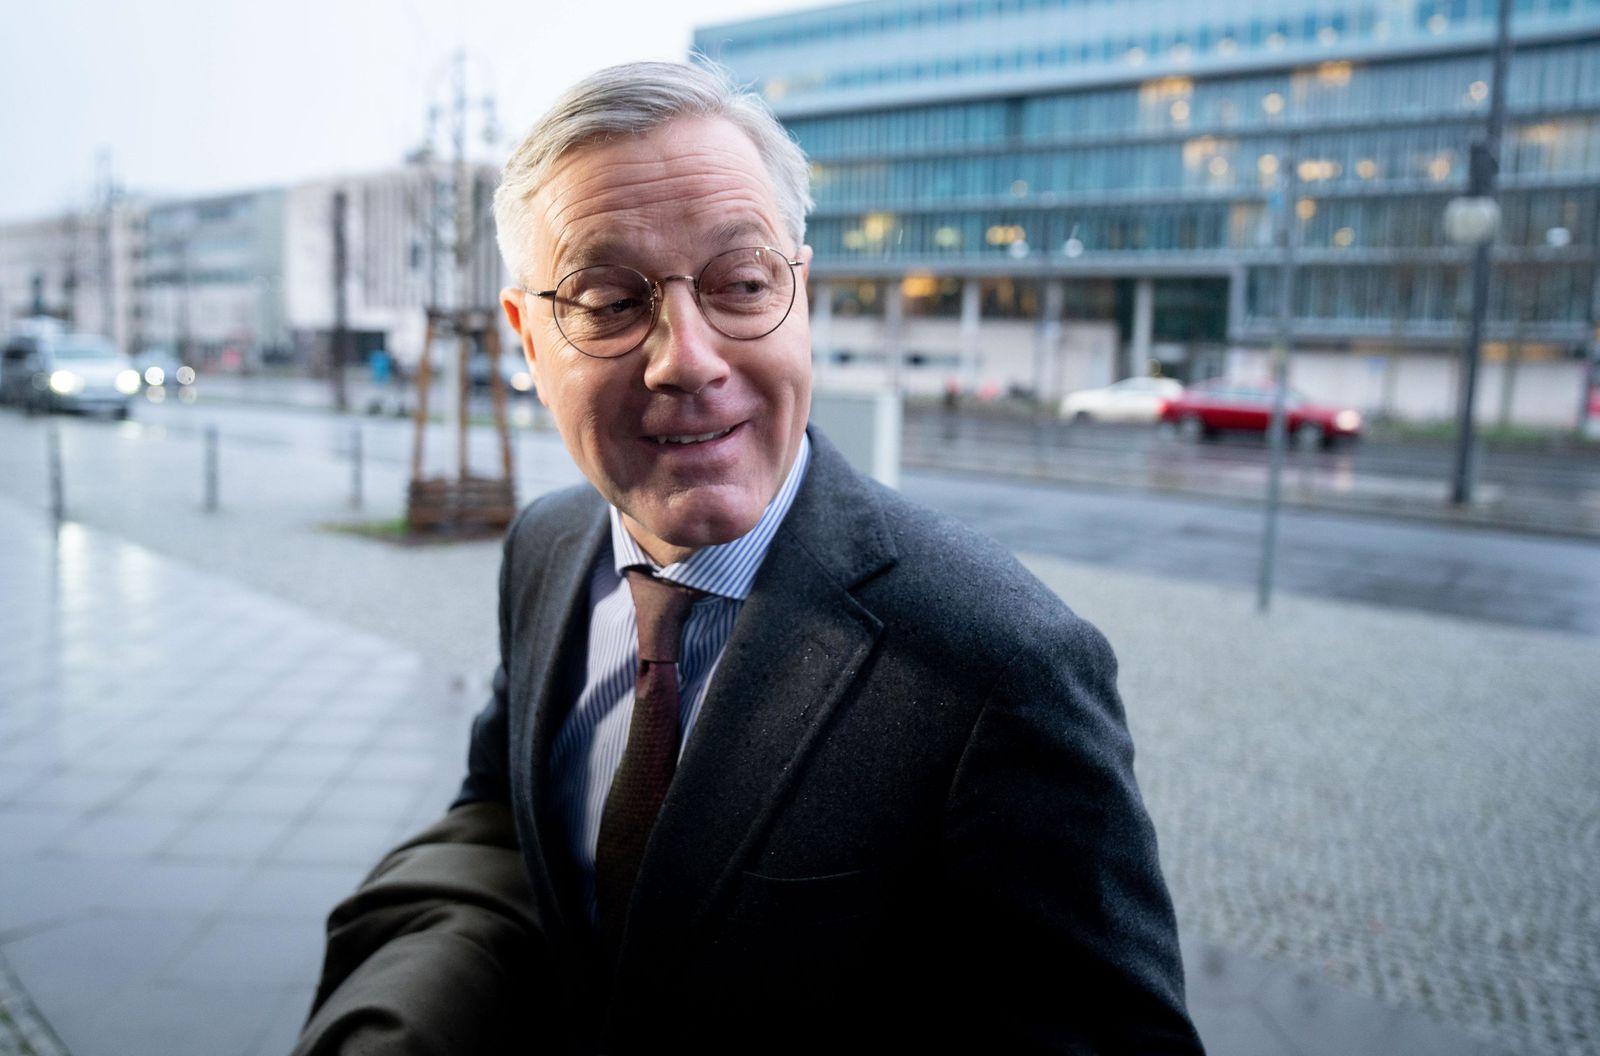 Norbert Röttgen an der CDU-Zentrale